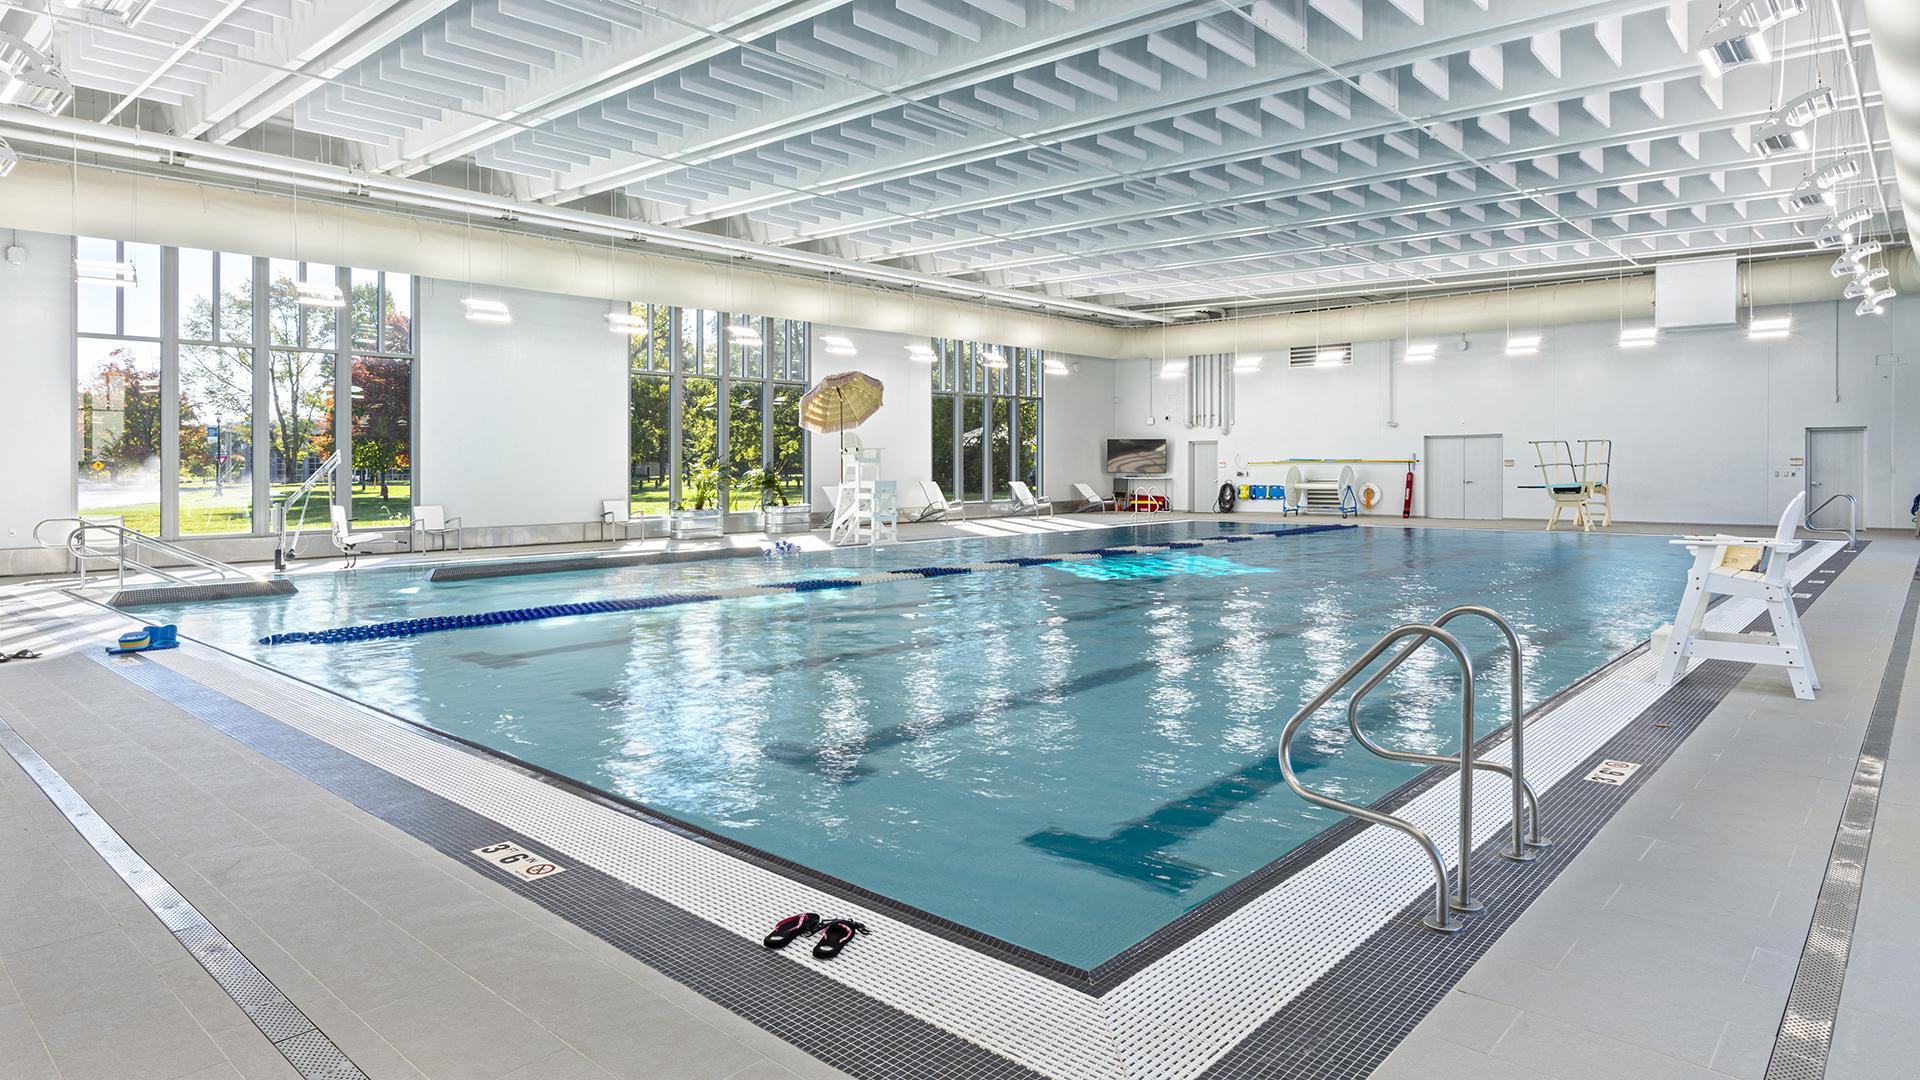 Andrews University - Andreasen Center for Wellness